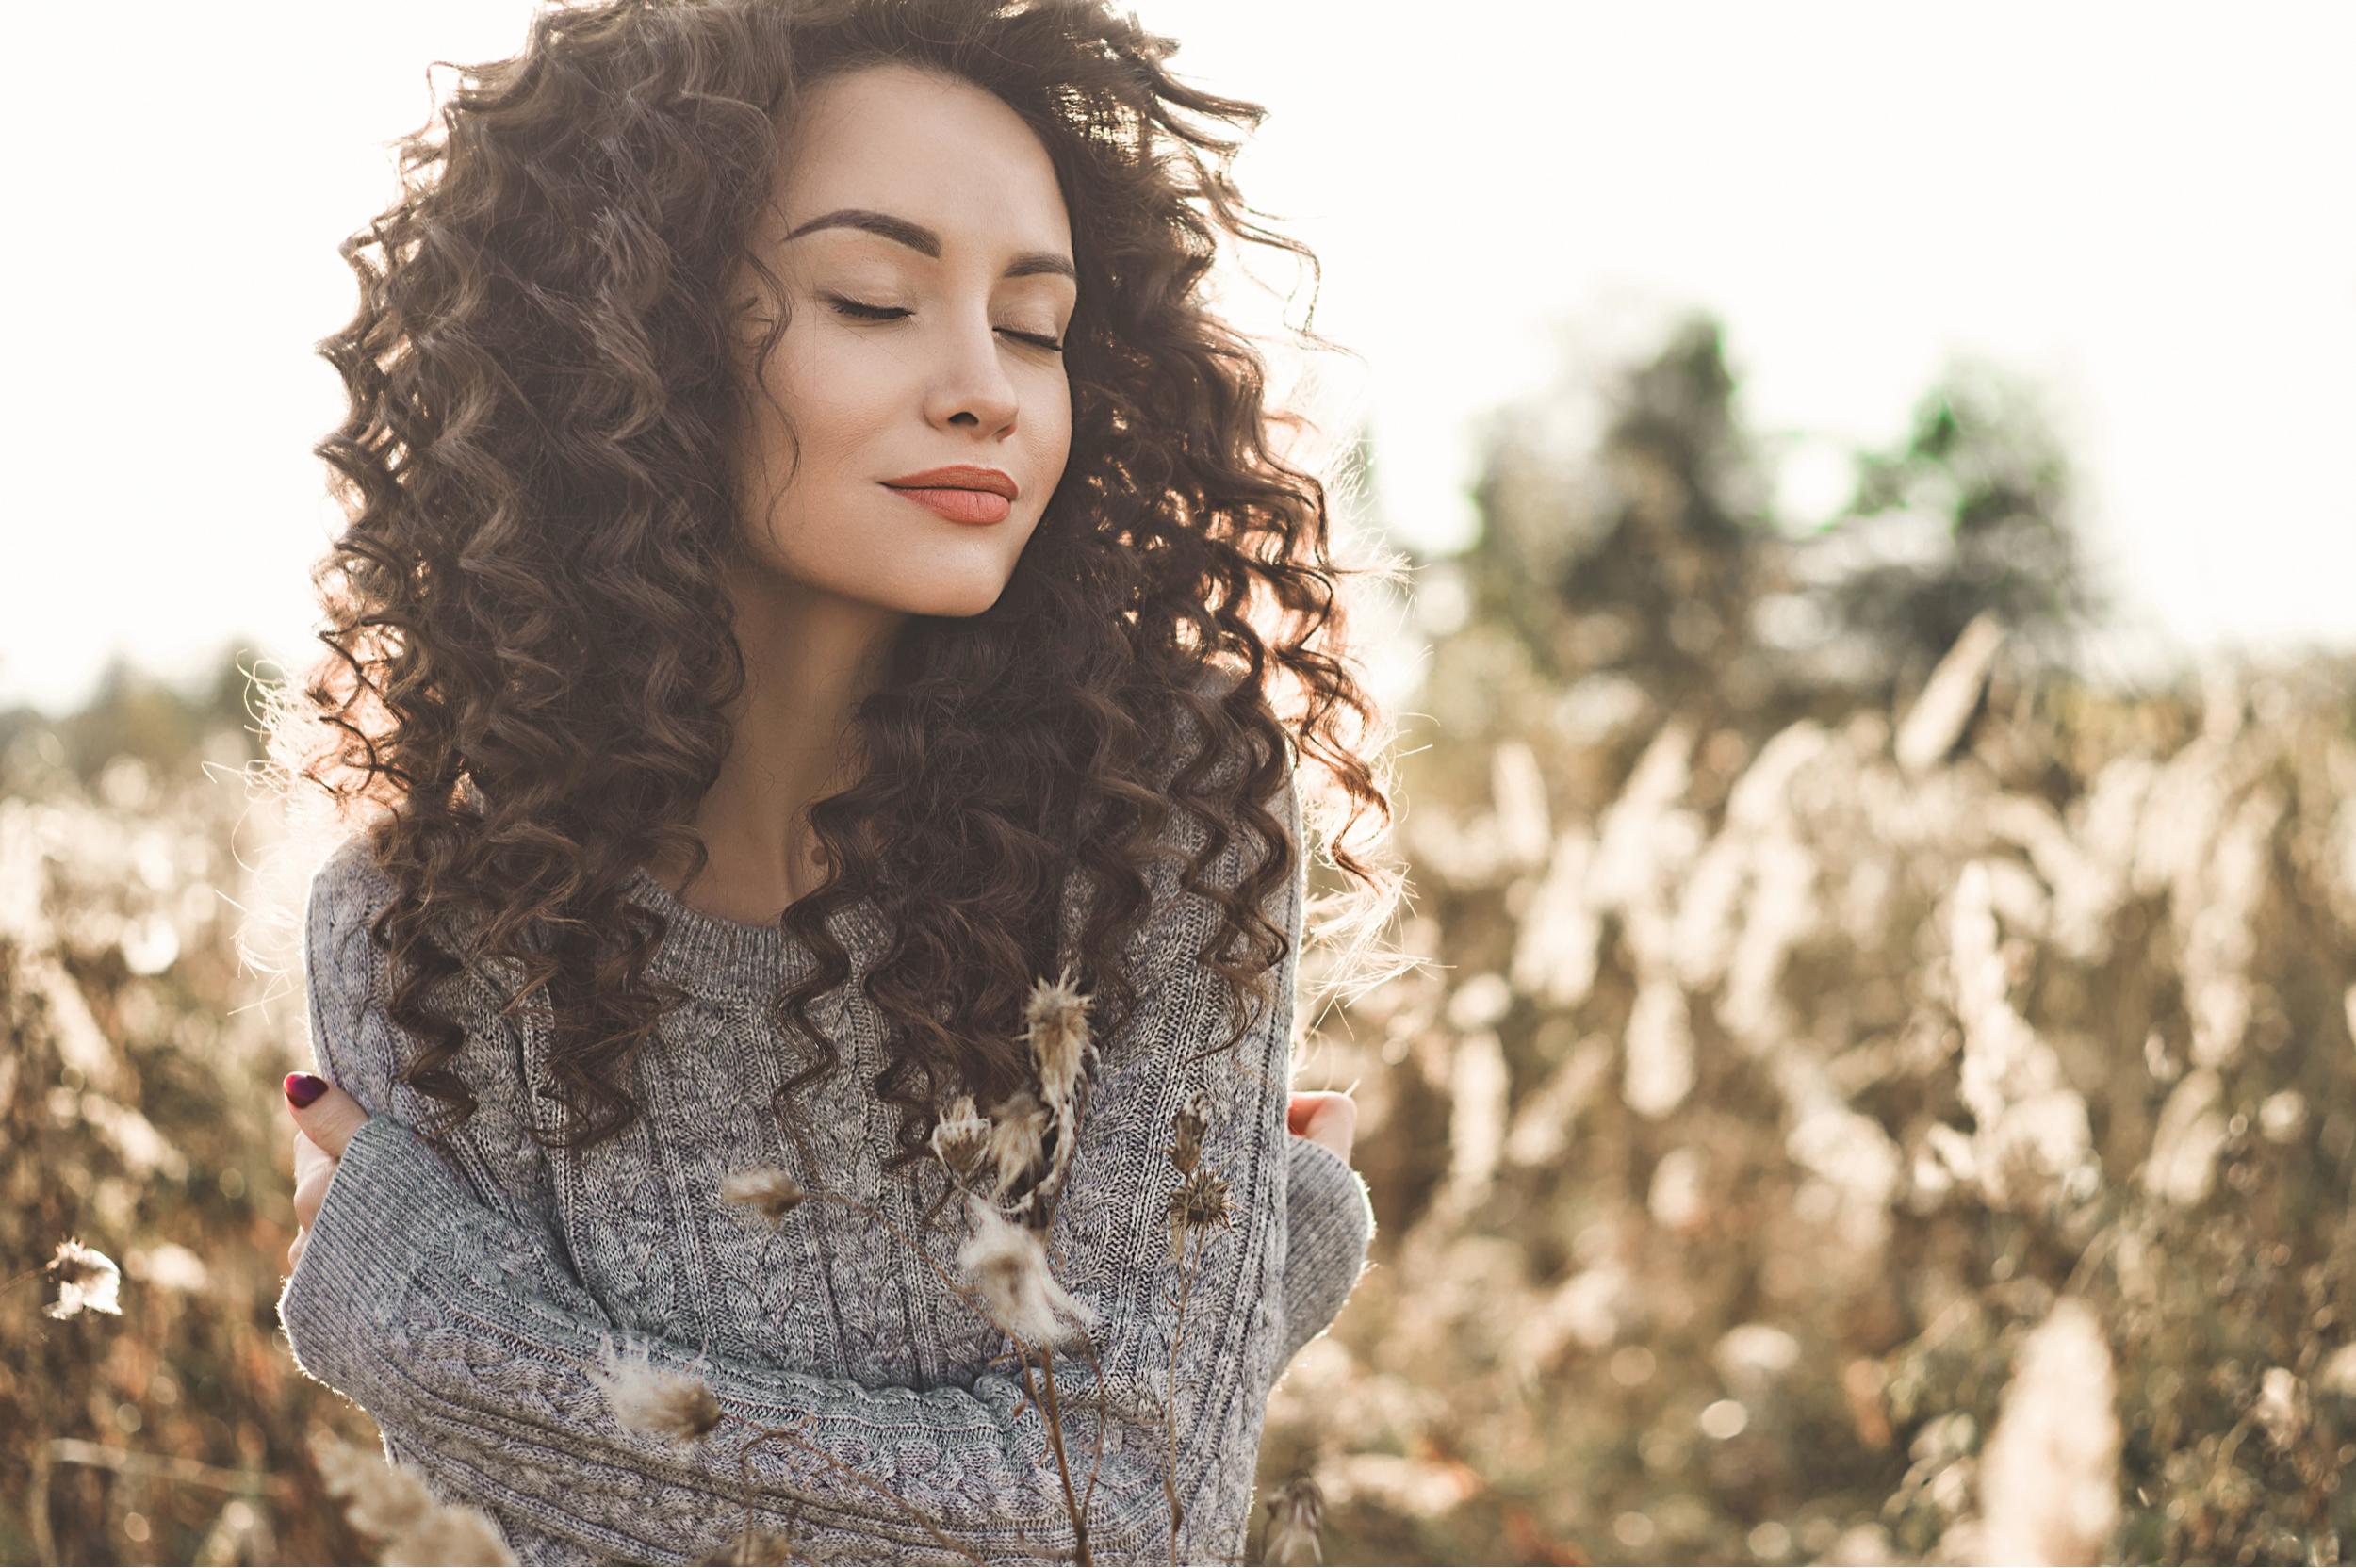 femme avec matières naturelles pour éviter les cheveux électriques